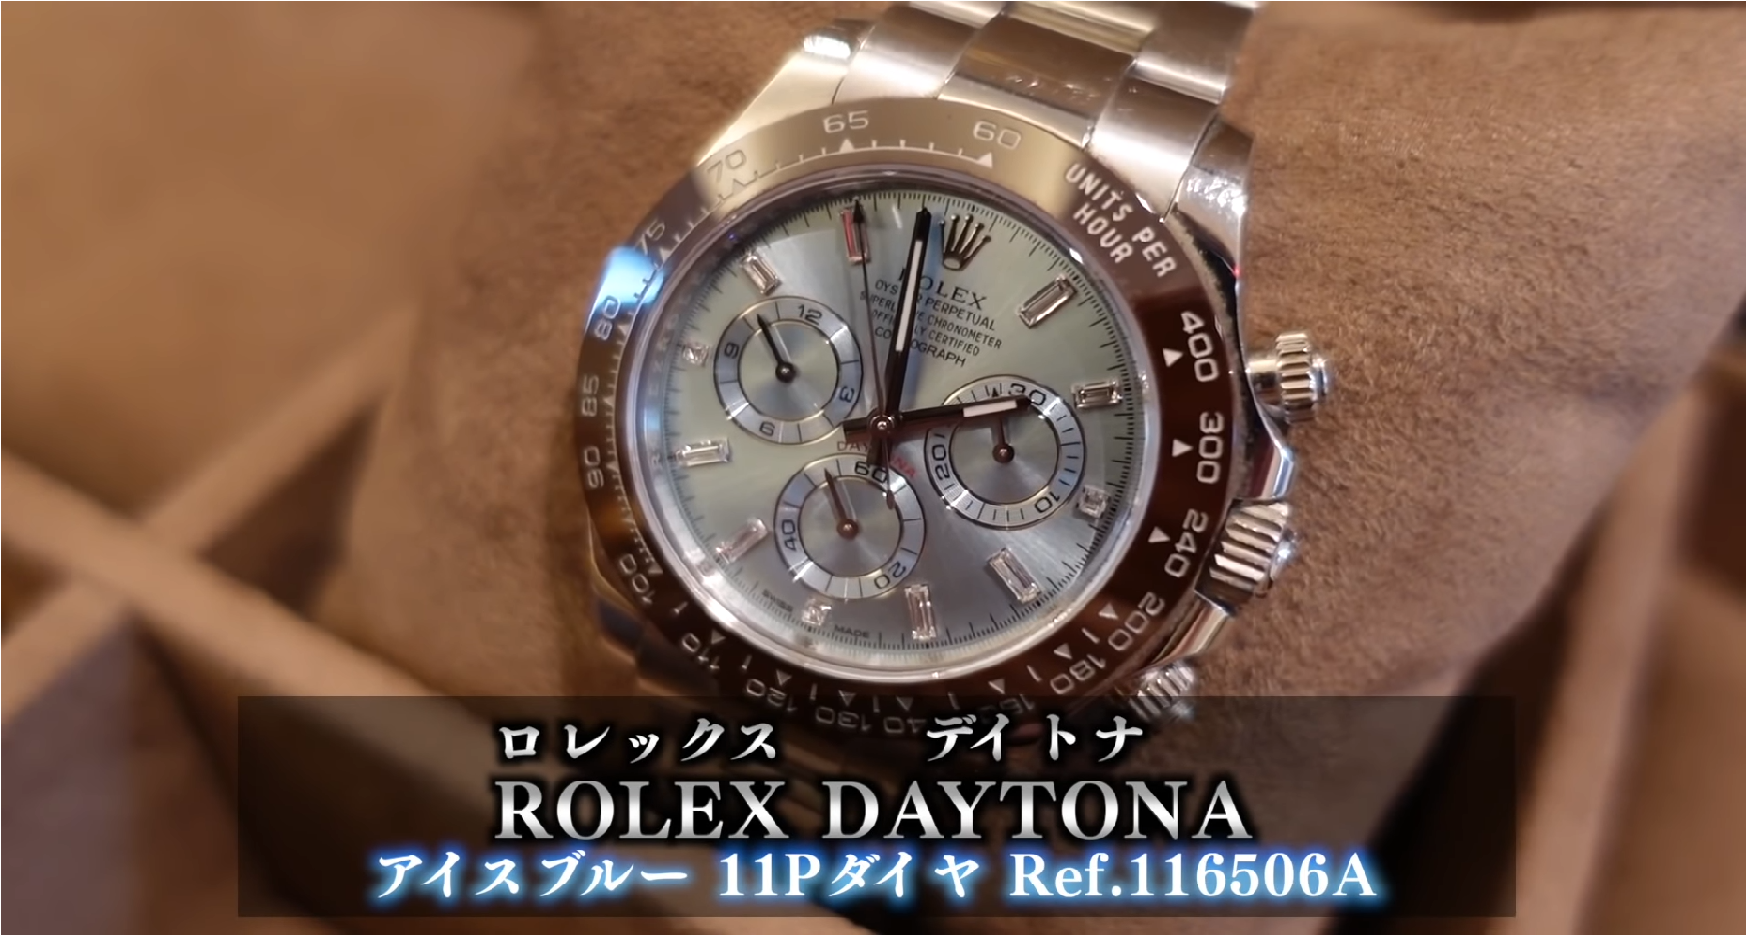 「ロレックス デイトナ116506A」のイメージ画像